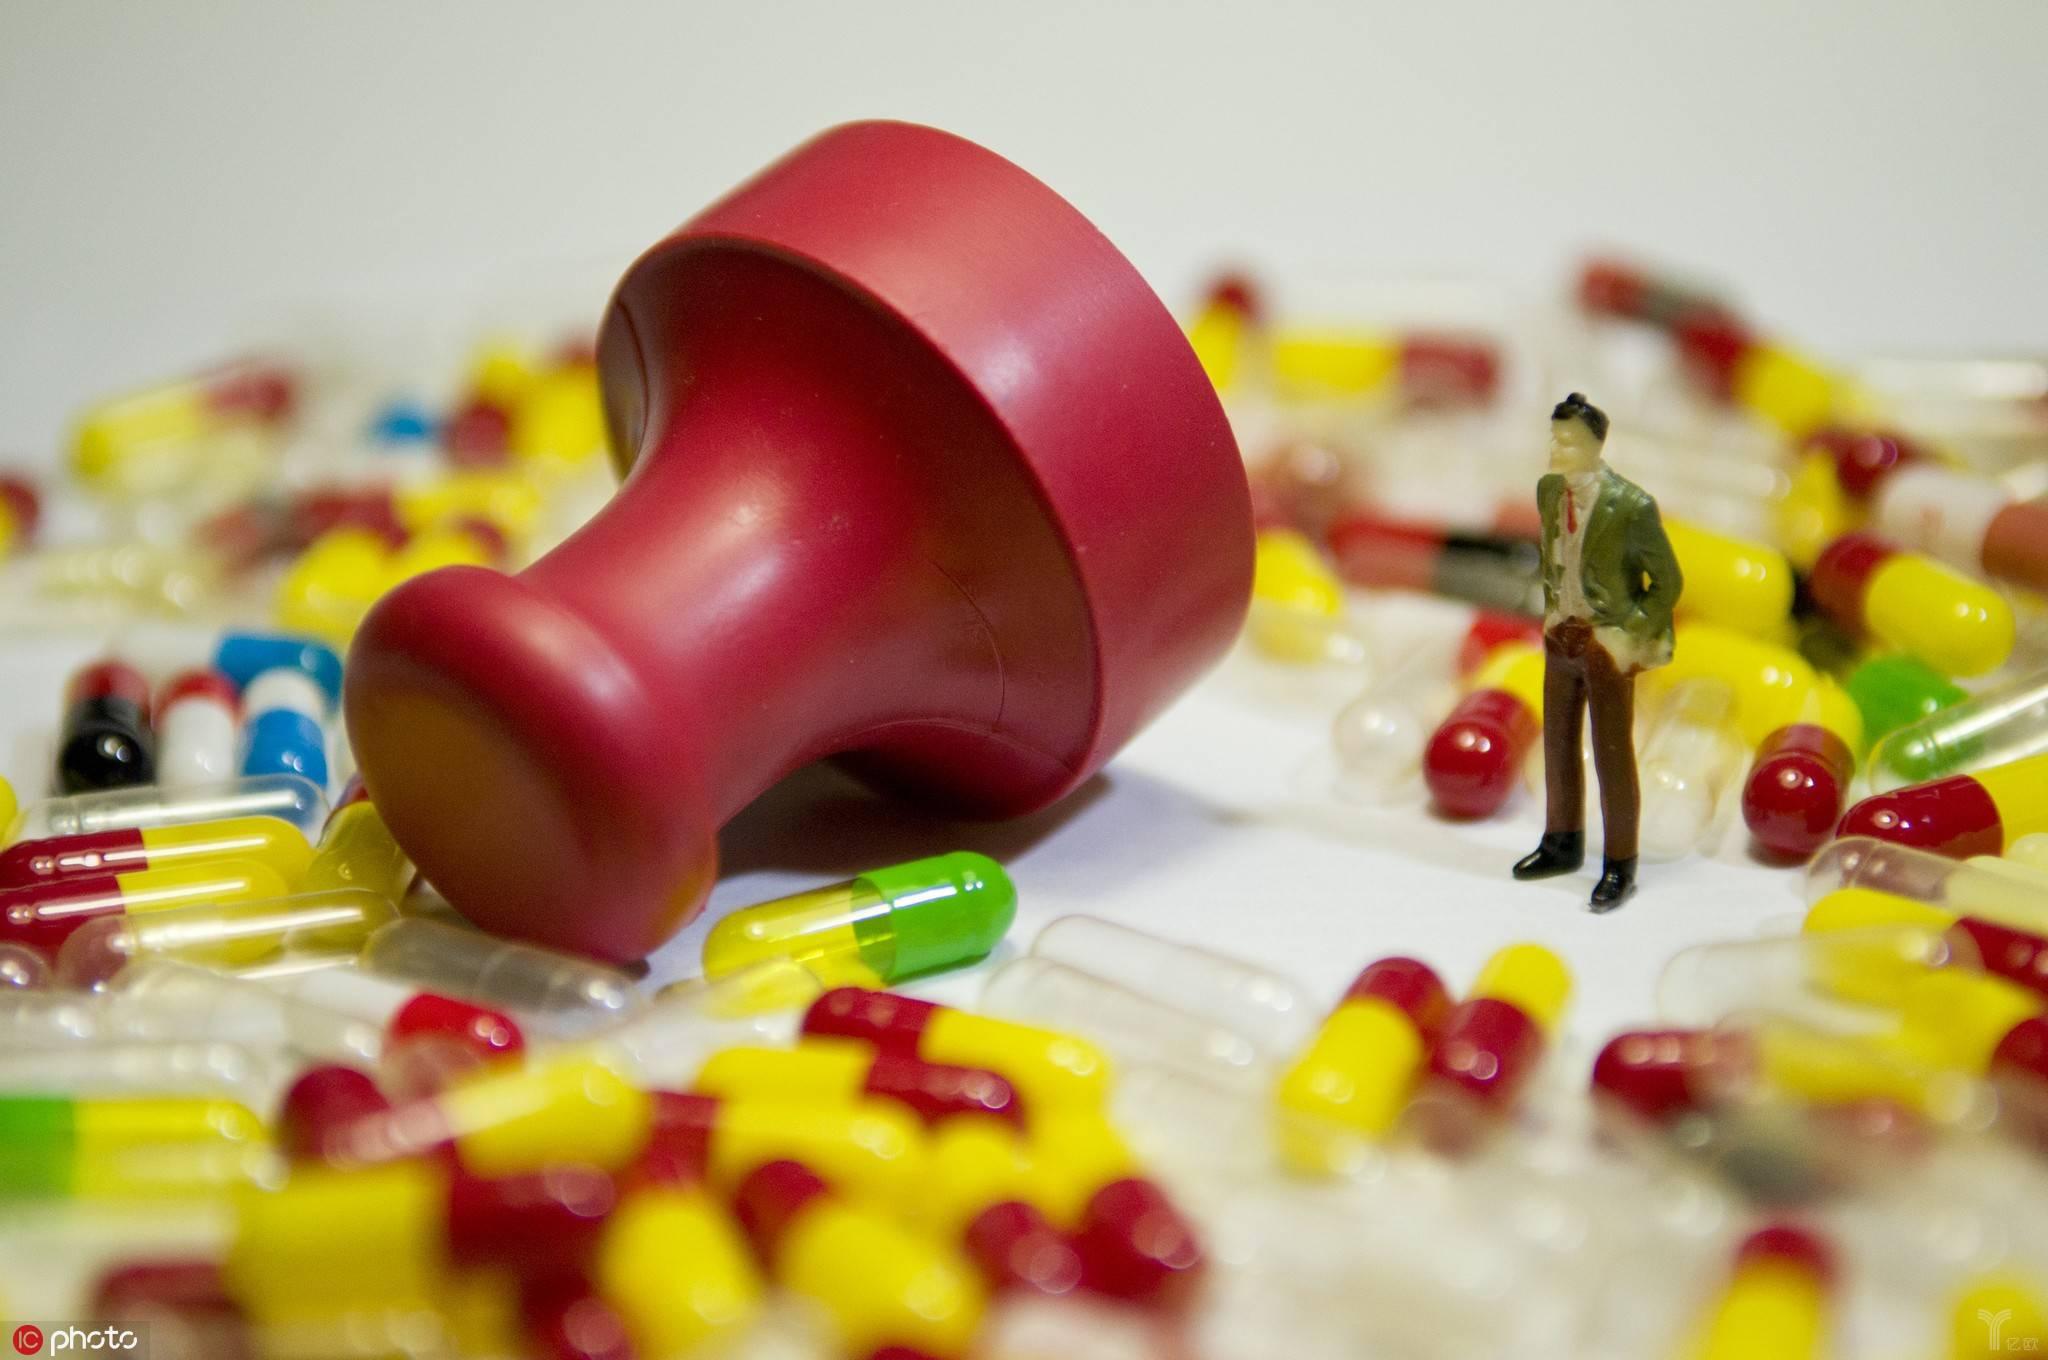 仿制药,仿制药,外企,成熟产品